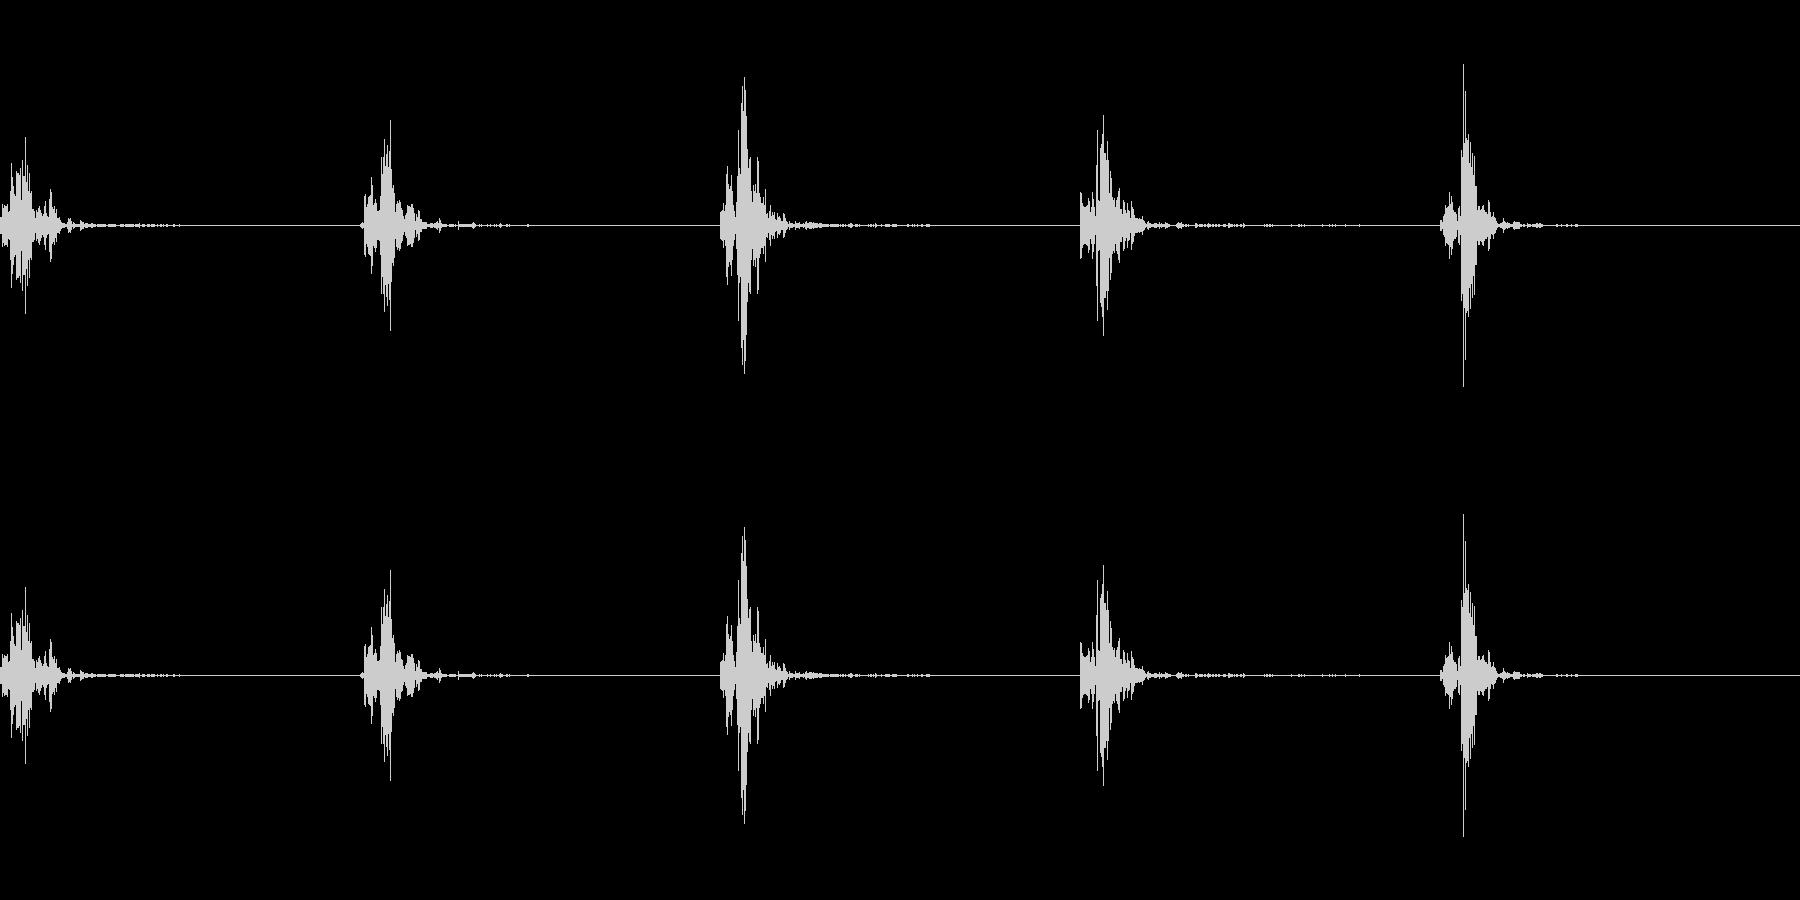 神楽鈴(小)を弱く振って鳴らした音の未再生の波形